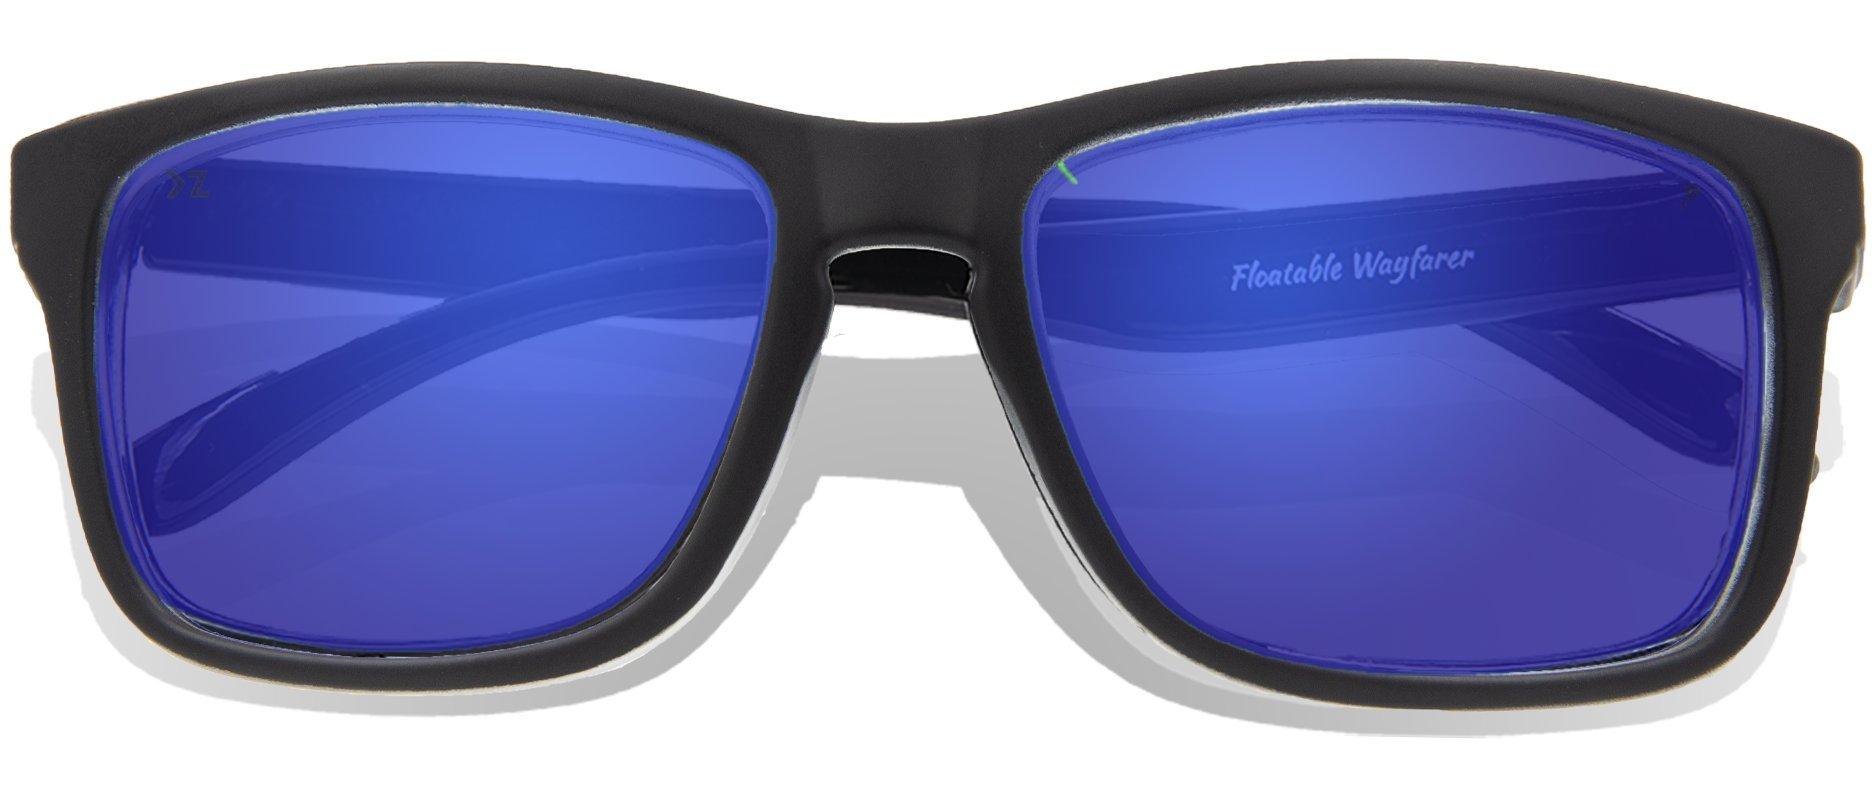 Floating Sunglasses - Polarized Floatable Wayfarer Shades by KZ Gear - 100% UV400 Lenses - KZ Shades that Float - Modern Floatable Style (Matte Black Frame - Full Revo Blue Lens)